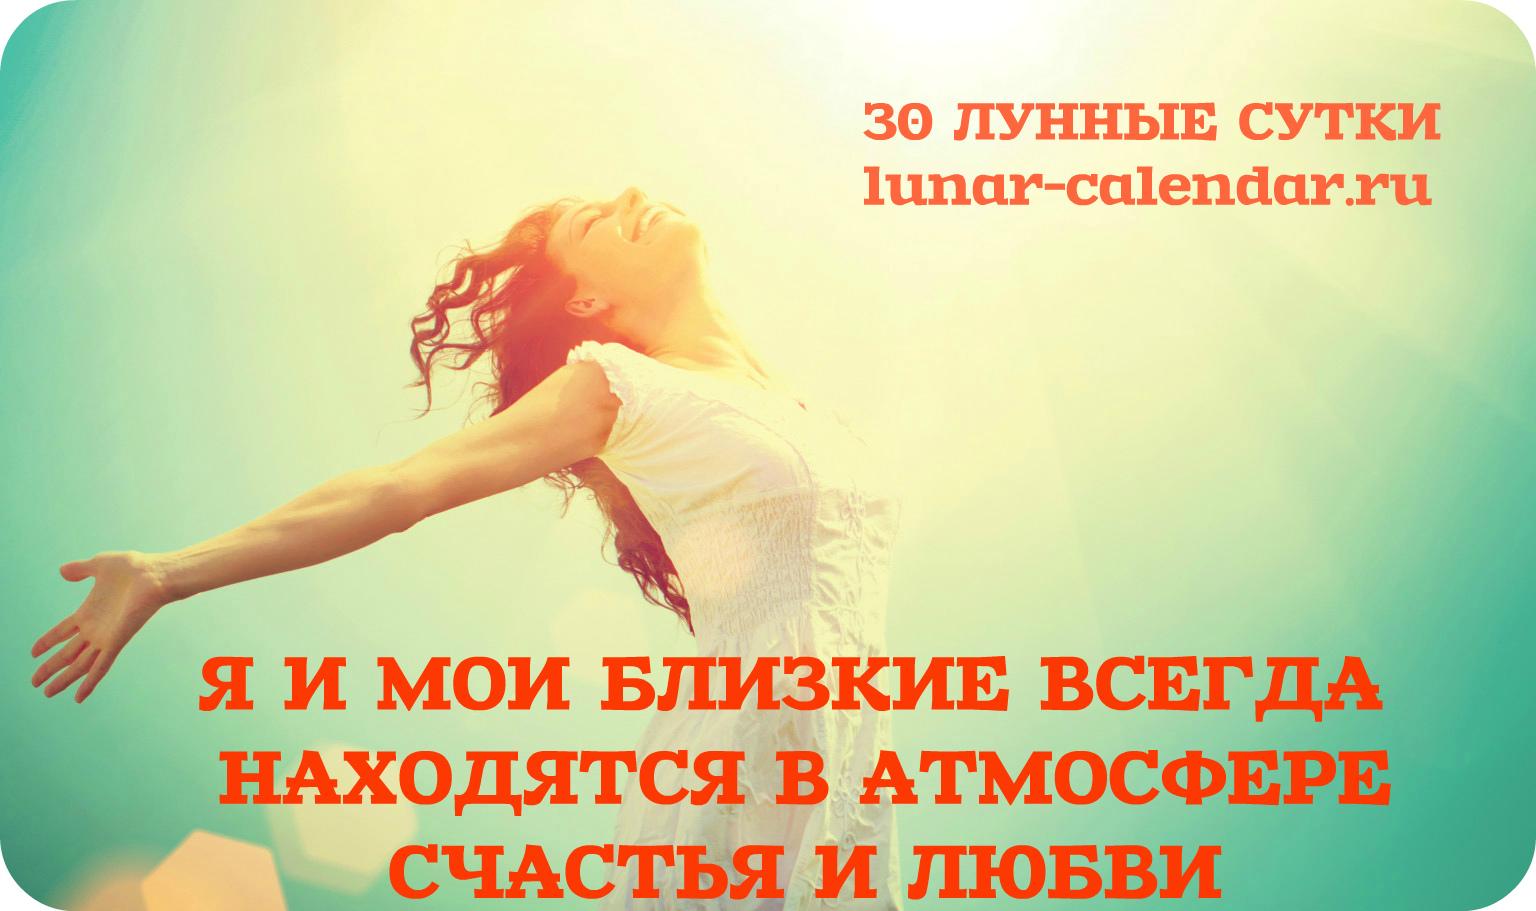 Дни именин по православному календарю